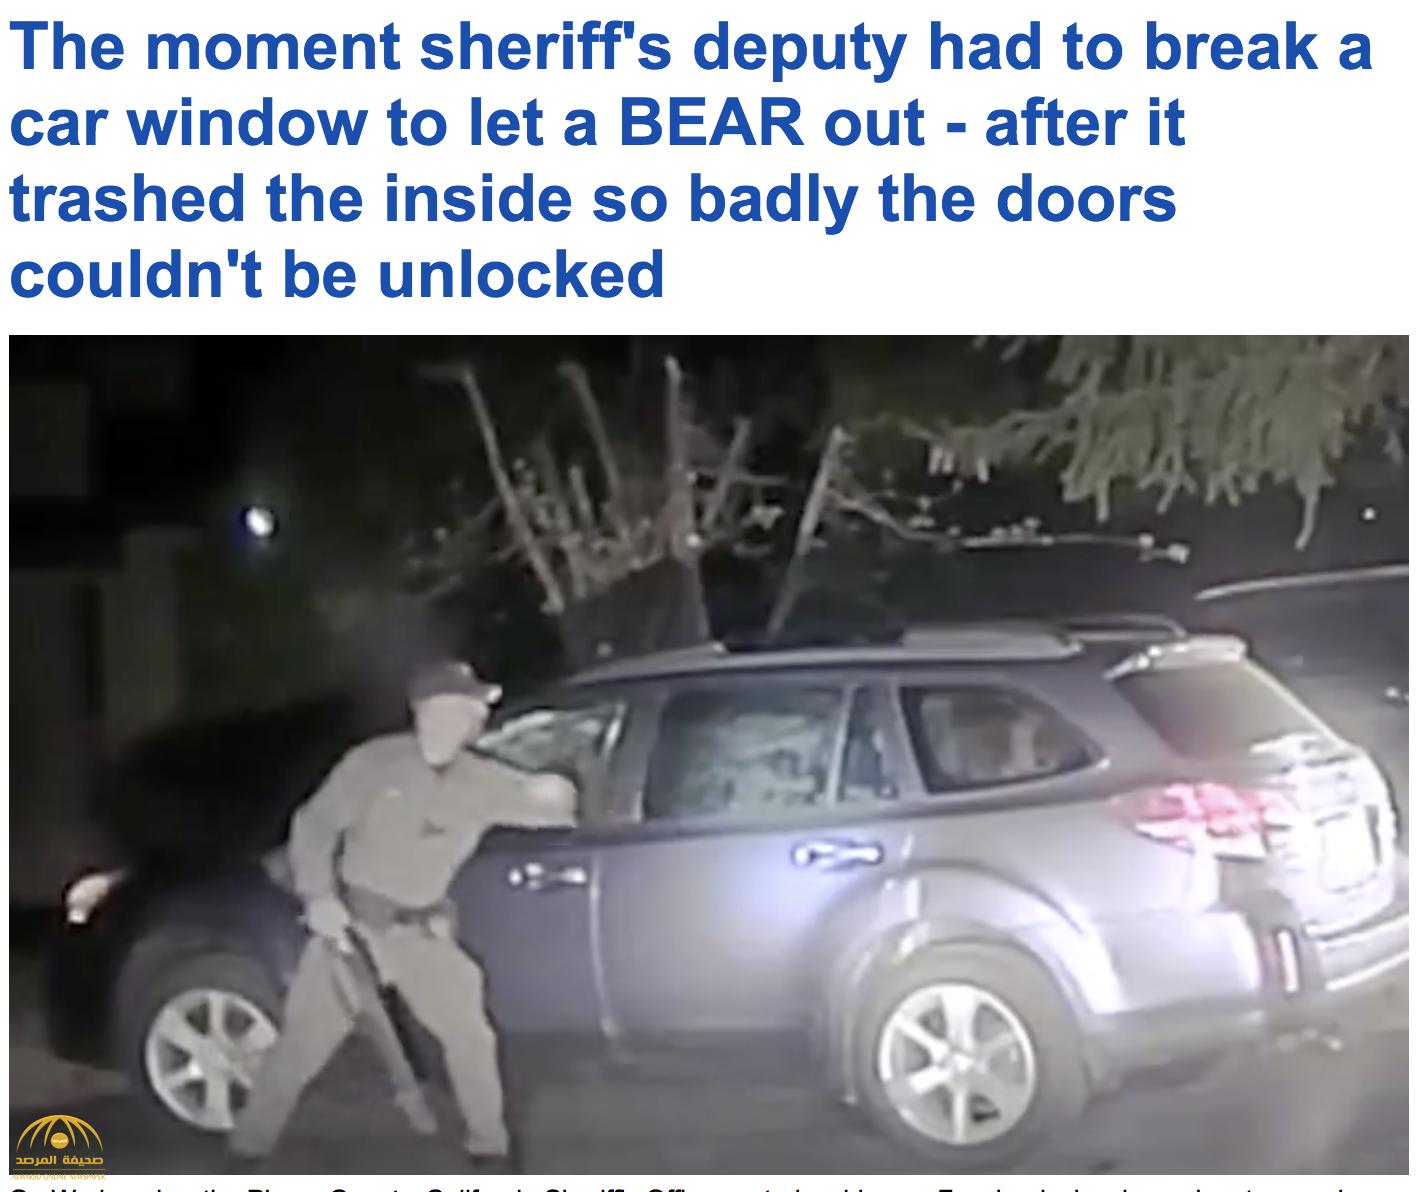 بالفيديو: شرطي في تاهو الأمريكية يقوم بعملية إنقاذ غريبة داخل سيارة متوقفة!